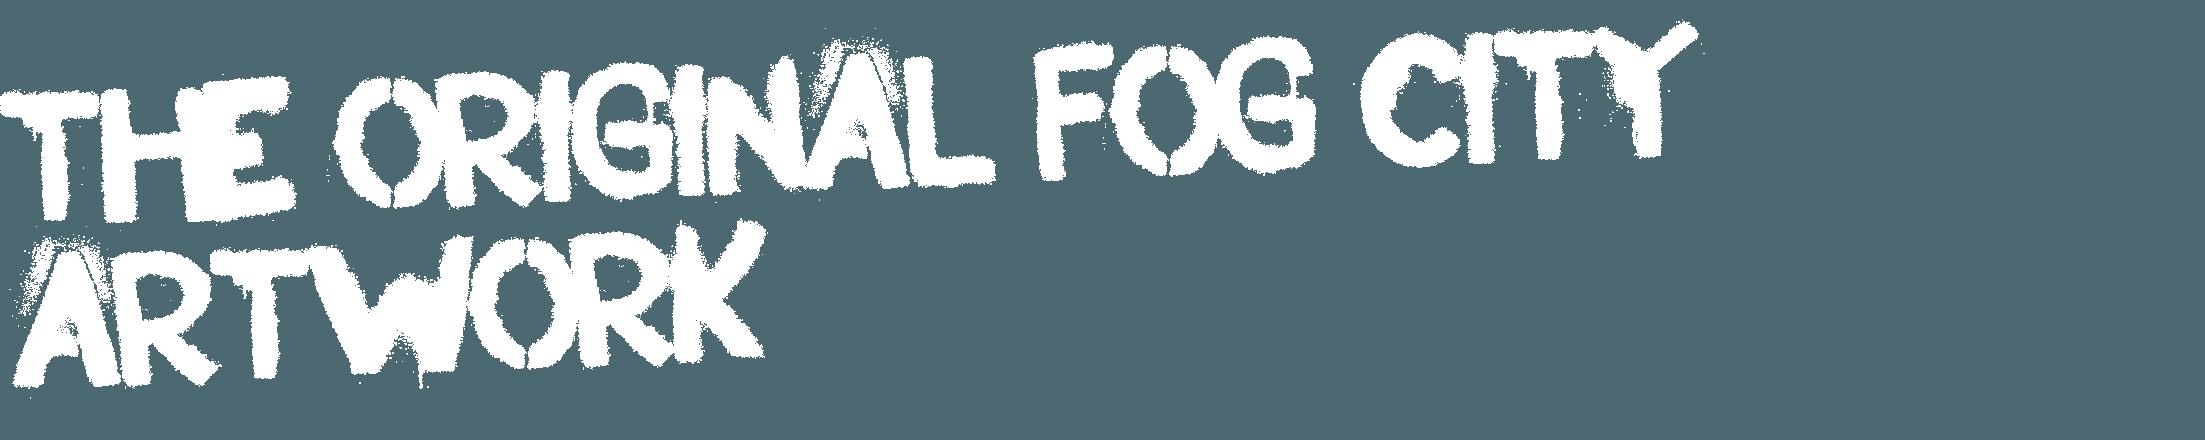 The Original Fog City Artwork